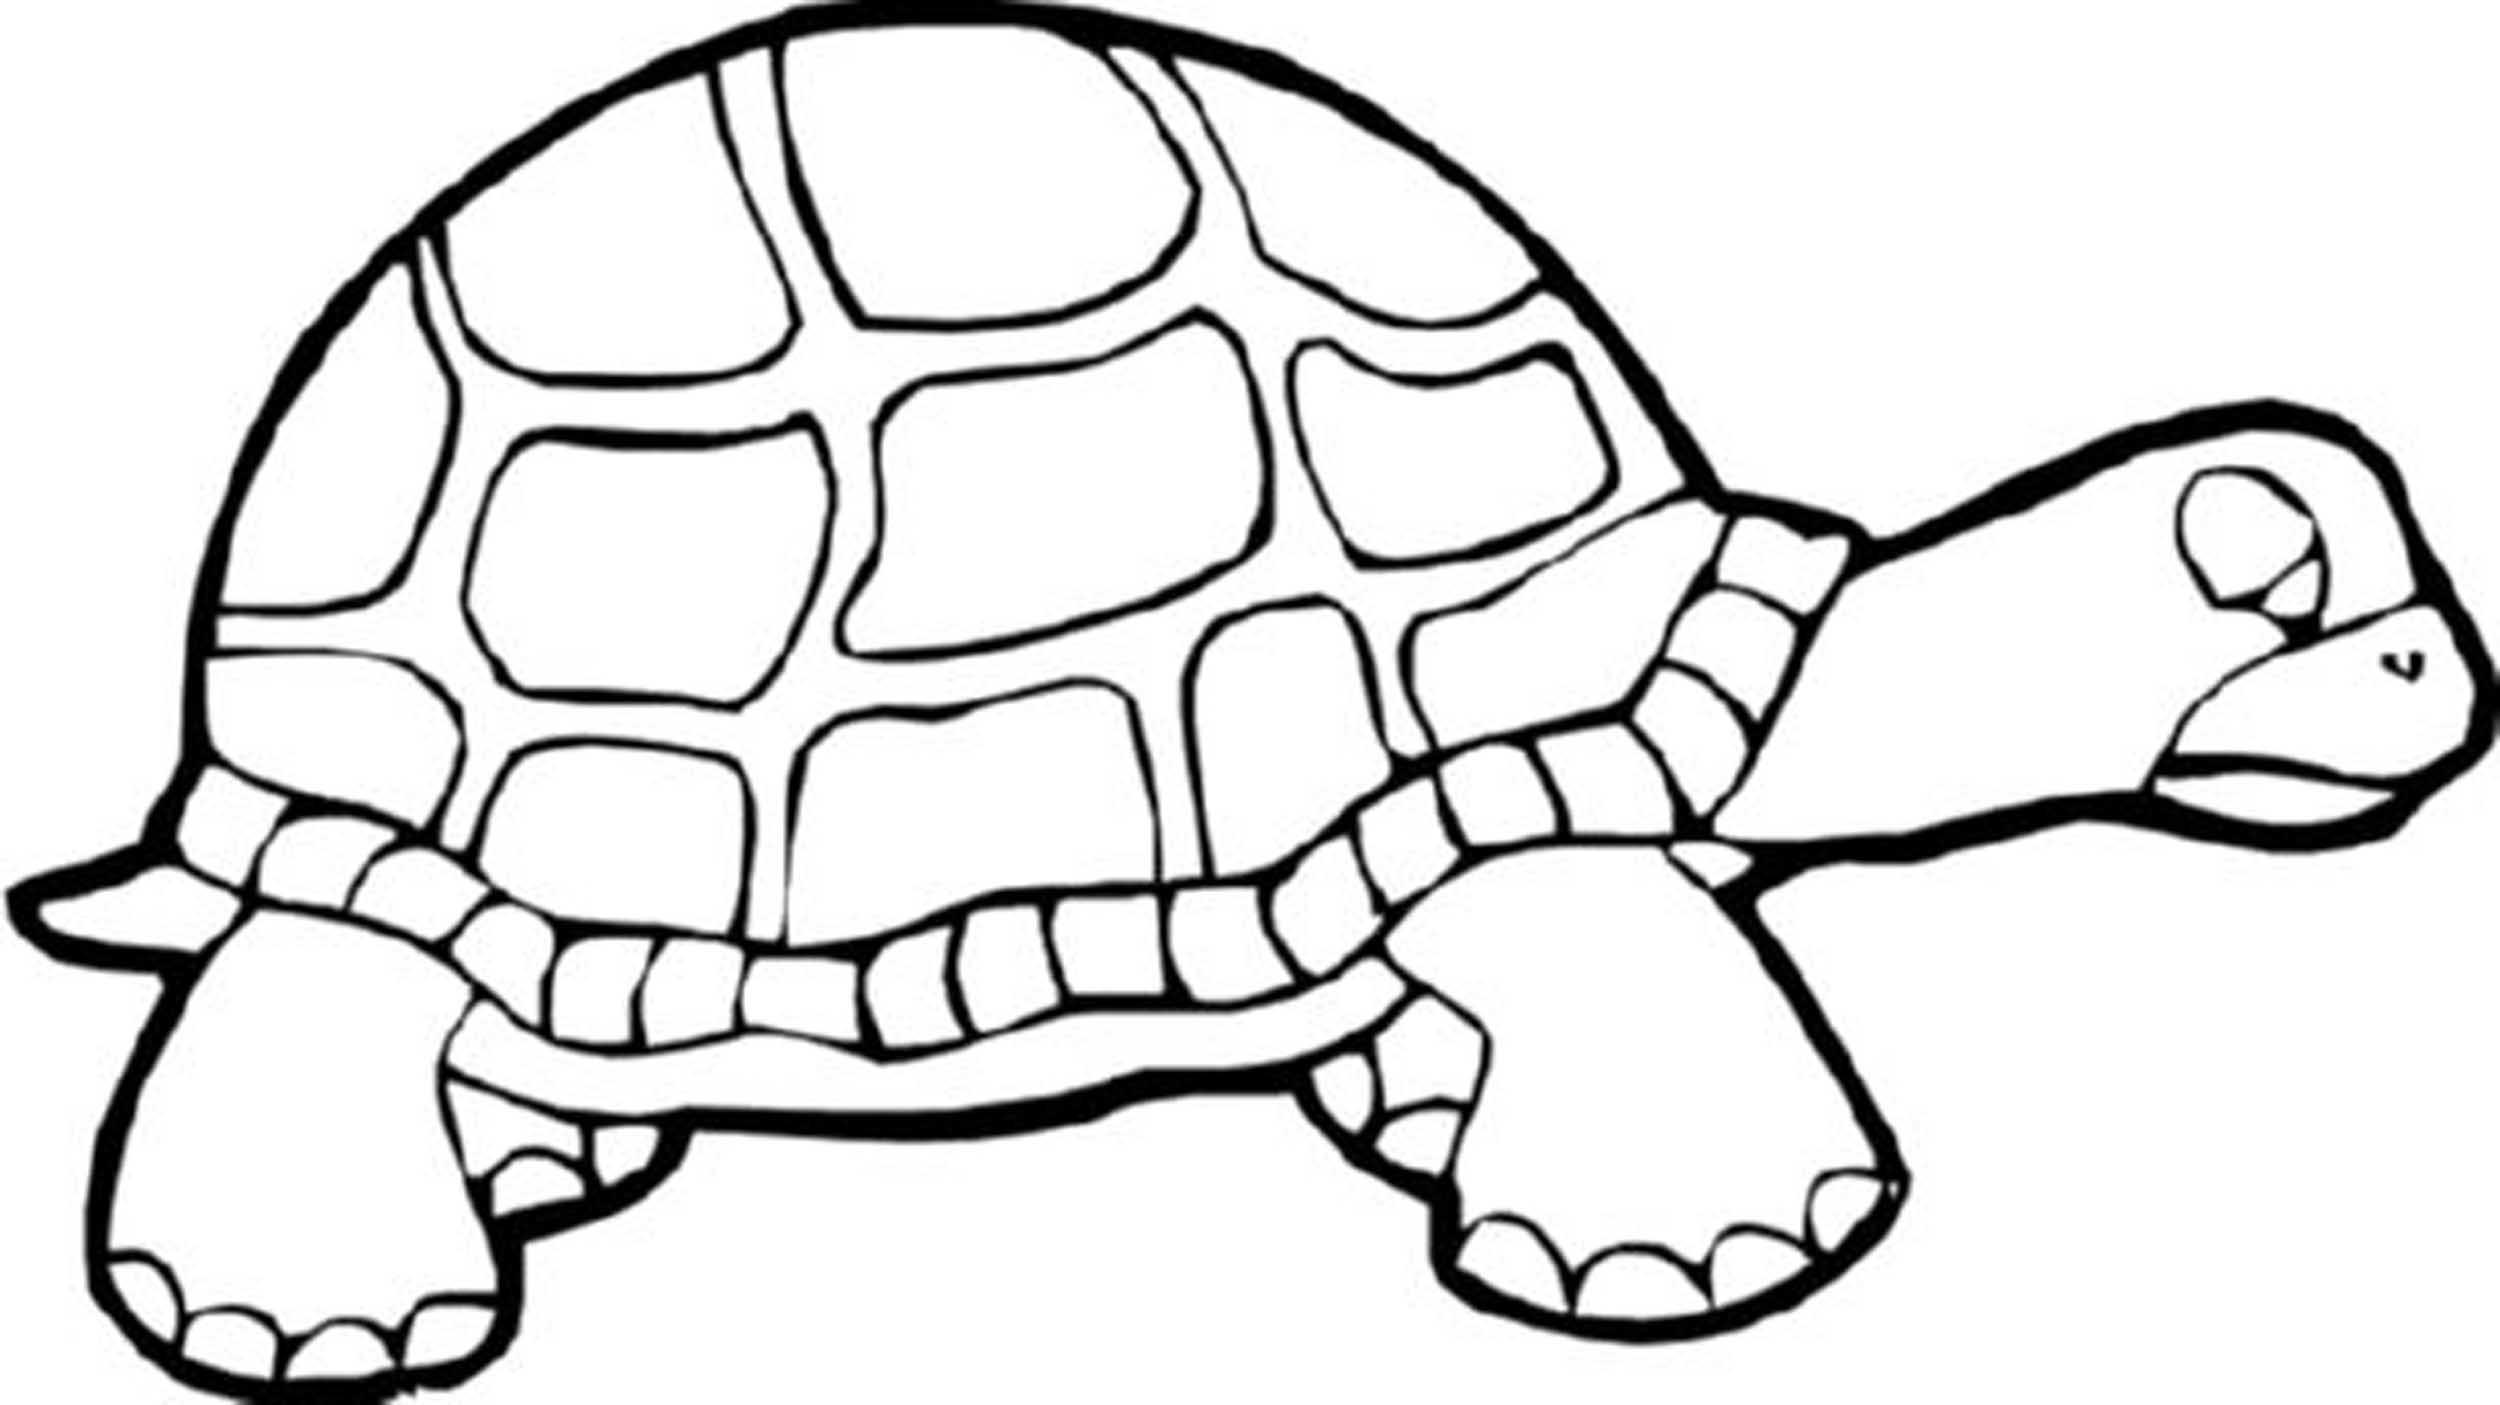 Sea Turtle Line Drawing At Getdrawings